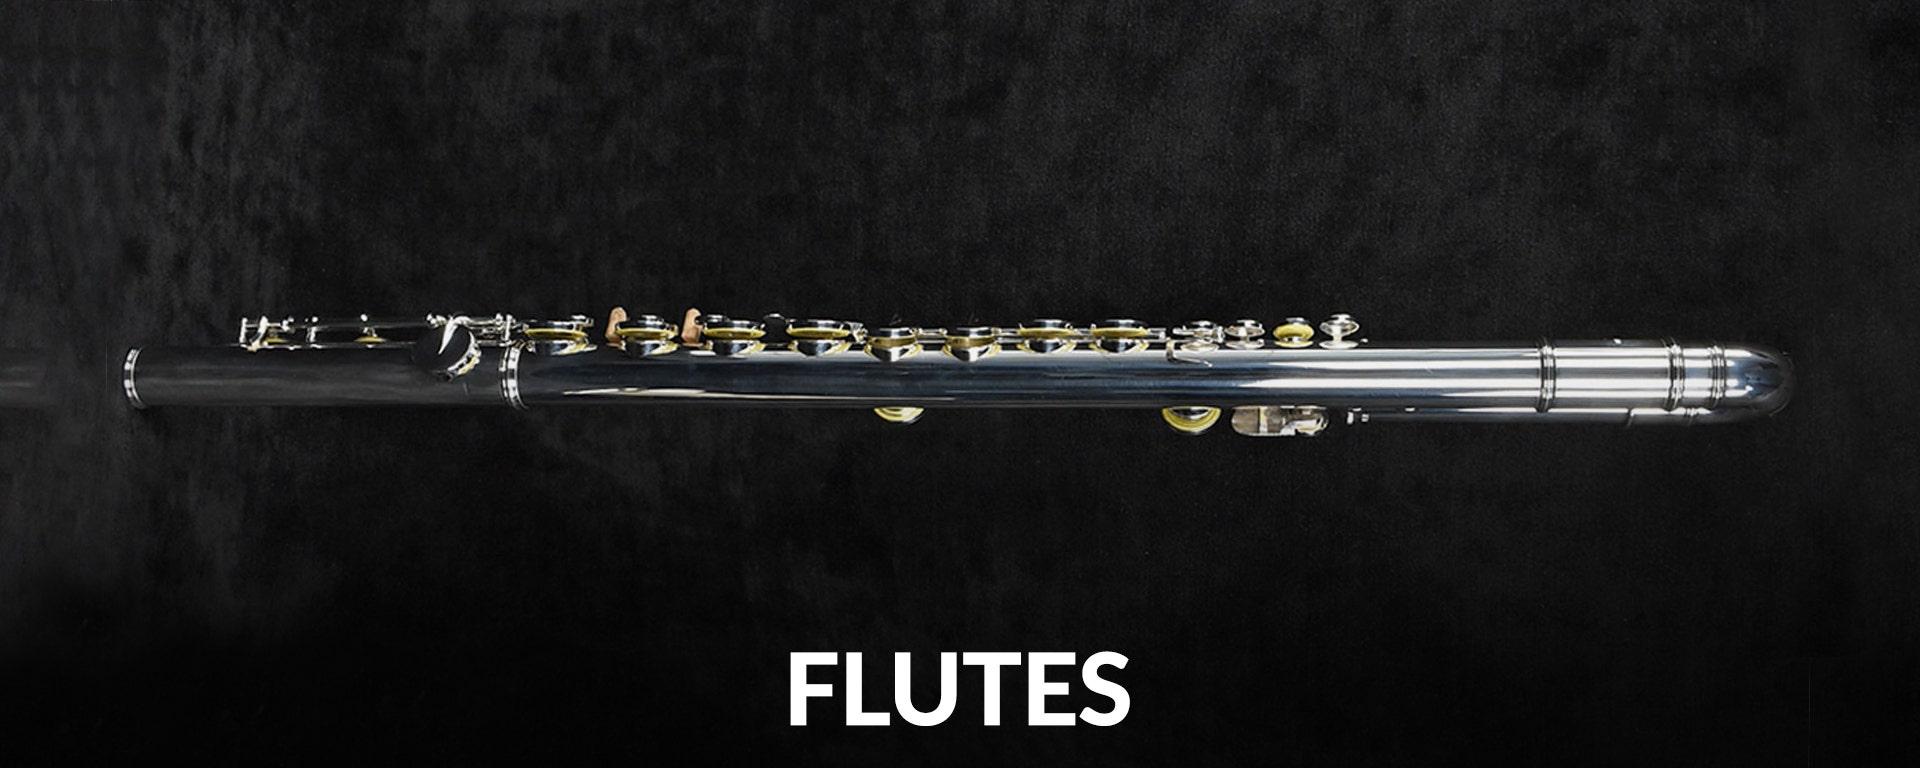 Shop Flutes at SamAsh.com